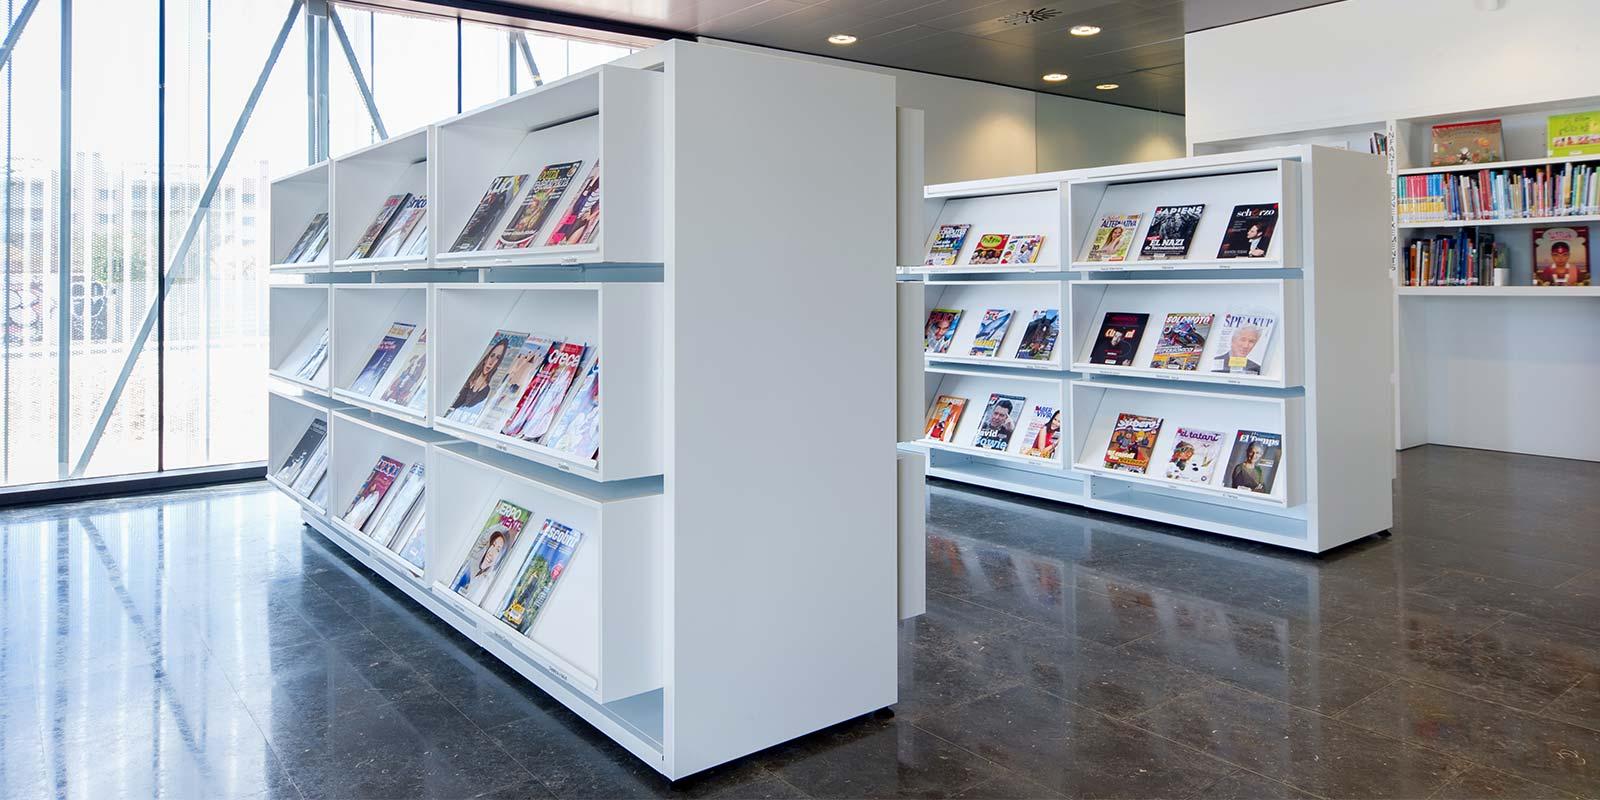 Biblioteca de Reus 5